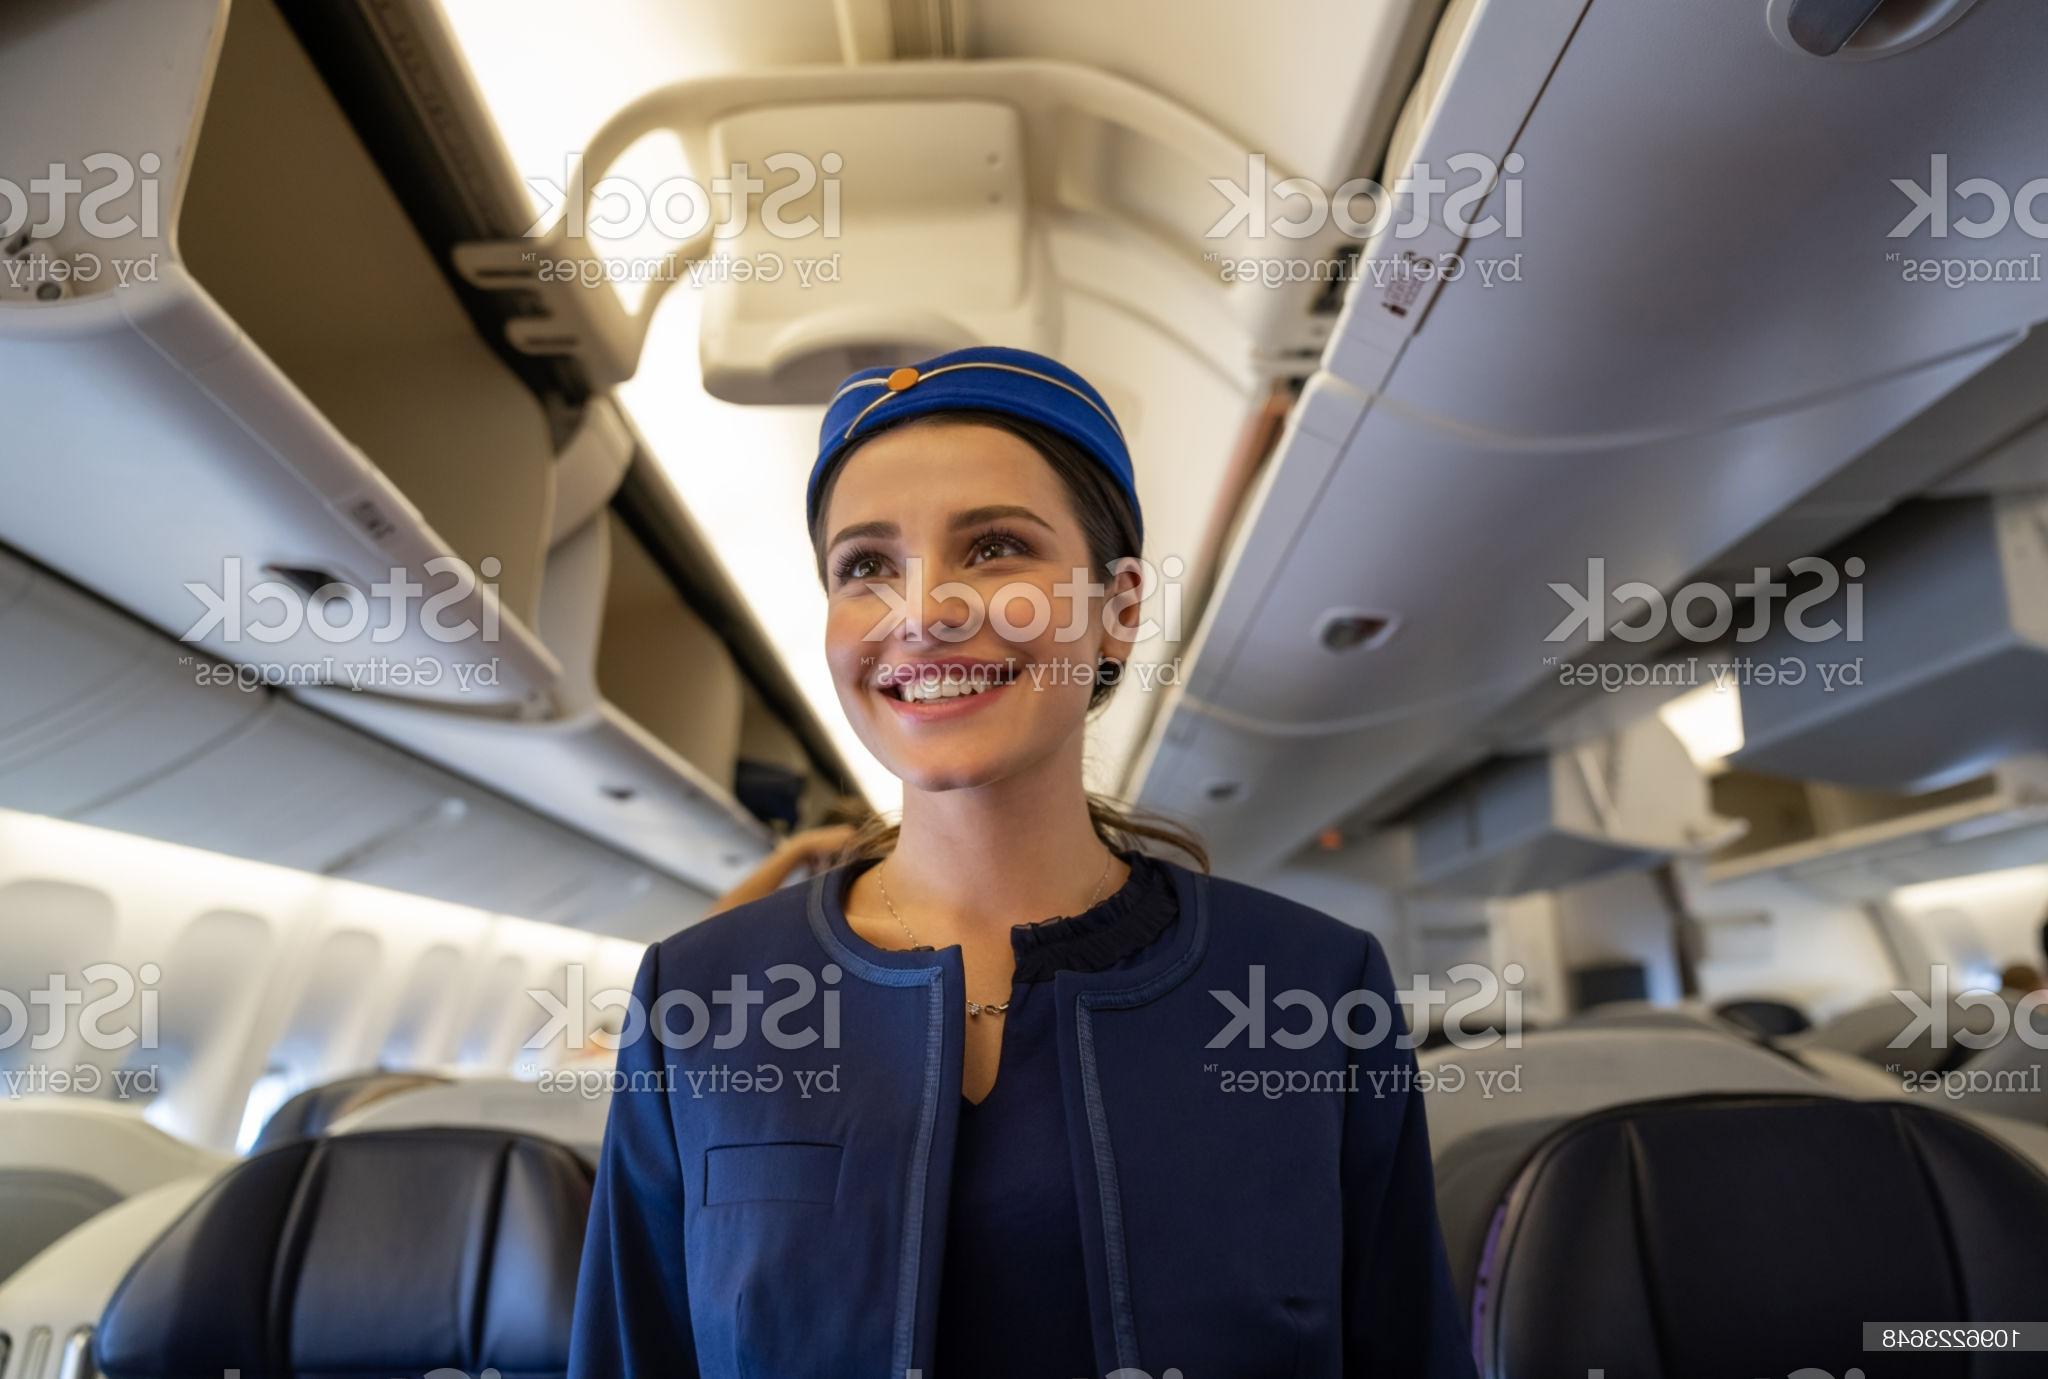 شرایط ثبت نام در رشته بدون آزمون مهمانداری هواپیما در سال 1400